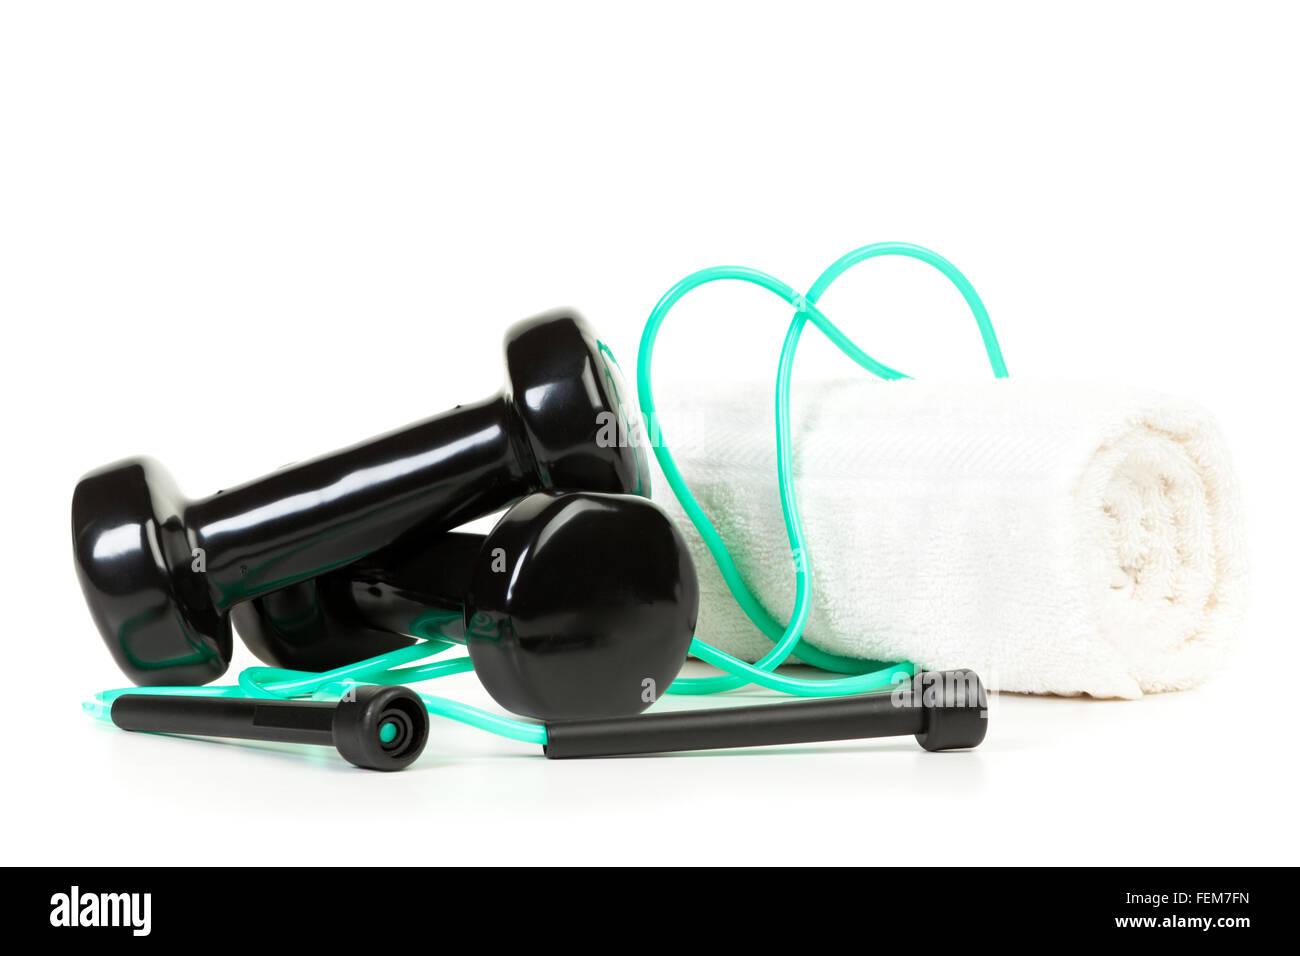 Körper-Sportgeräte - Hanteln, überspringen von Seil und Handtuch auf weißem Hintergrund Stockbild